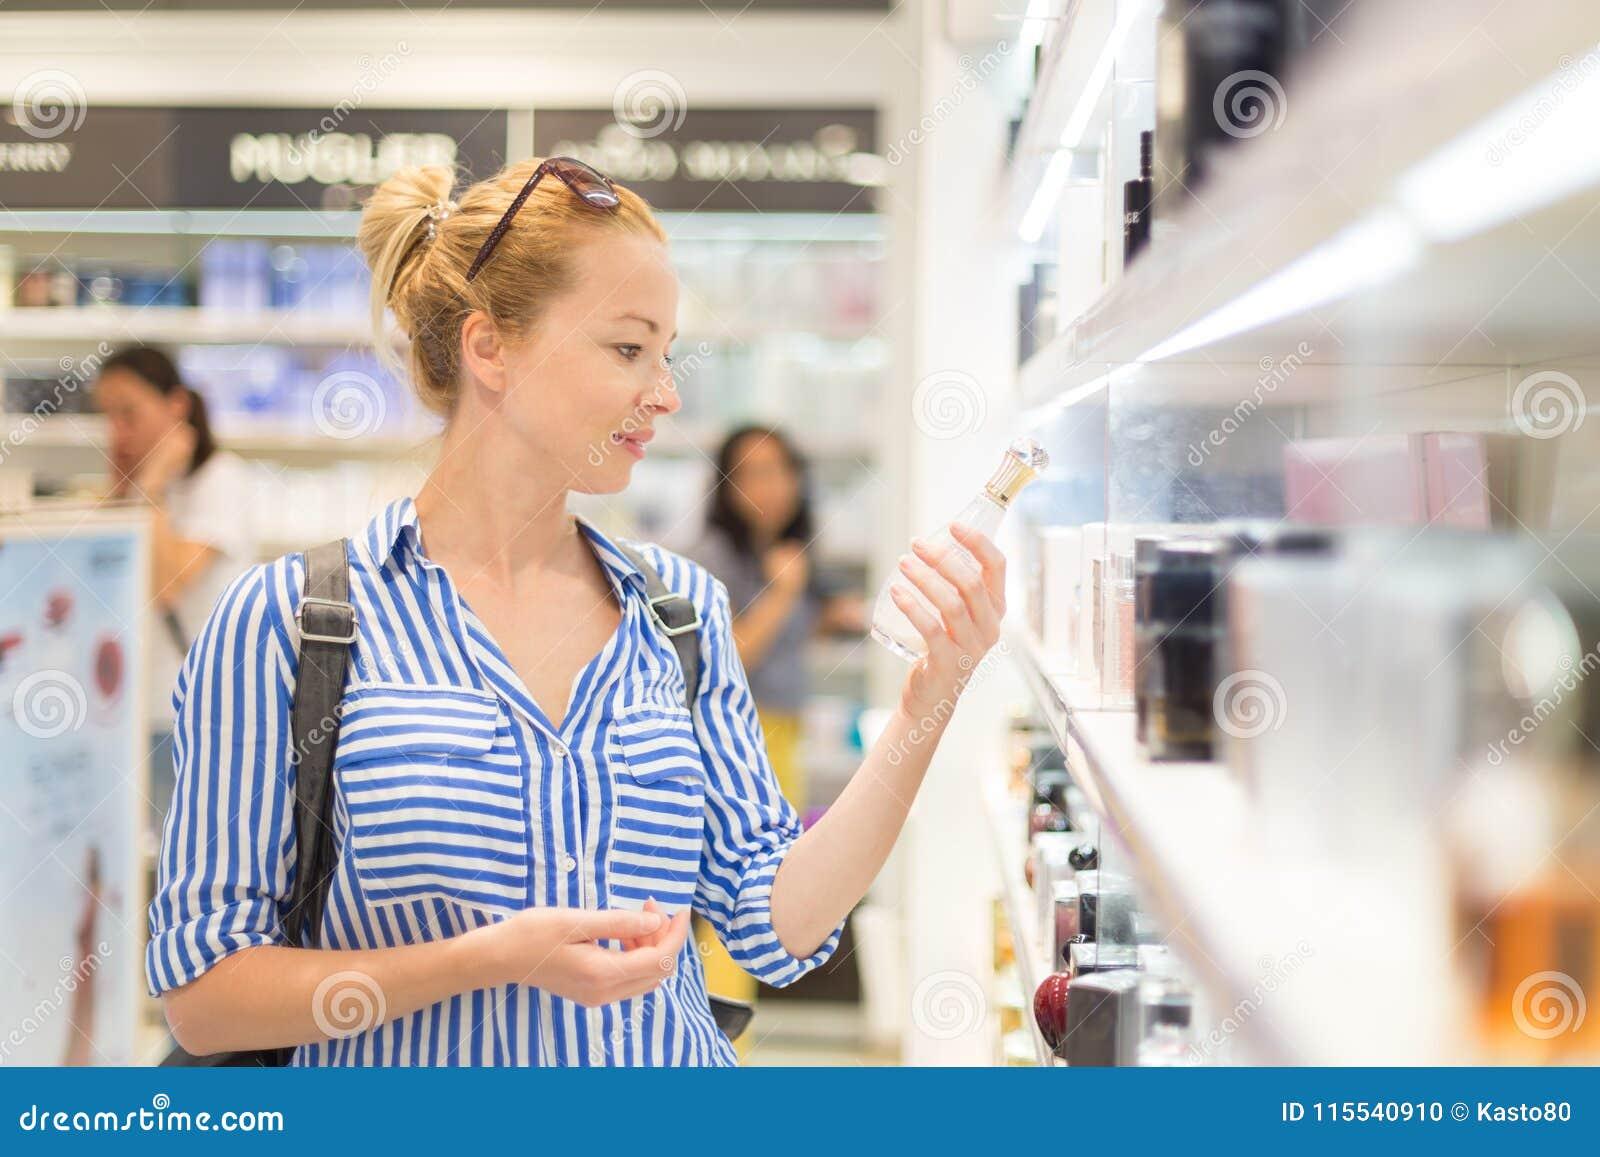 Elegancka blond młoda kobieta wybiera pachnidło w sklepie detalicznym